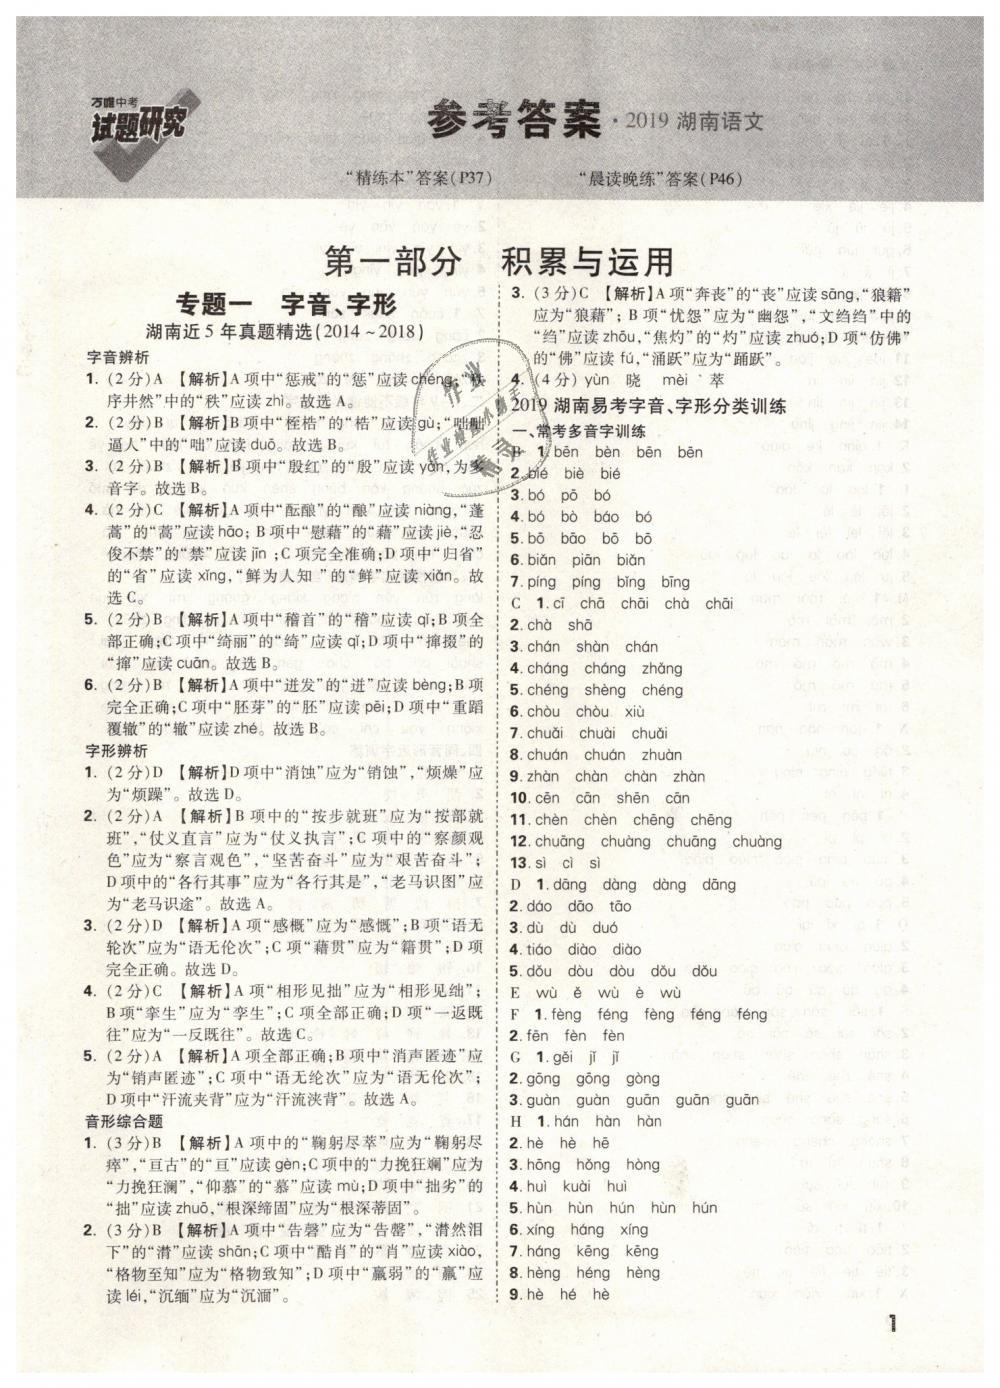 2019年万唯教育中考试题研究九年级语文湖南专版第1页